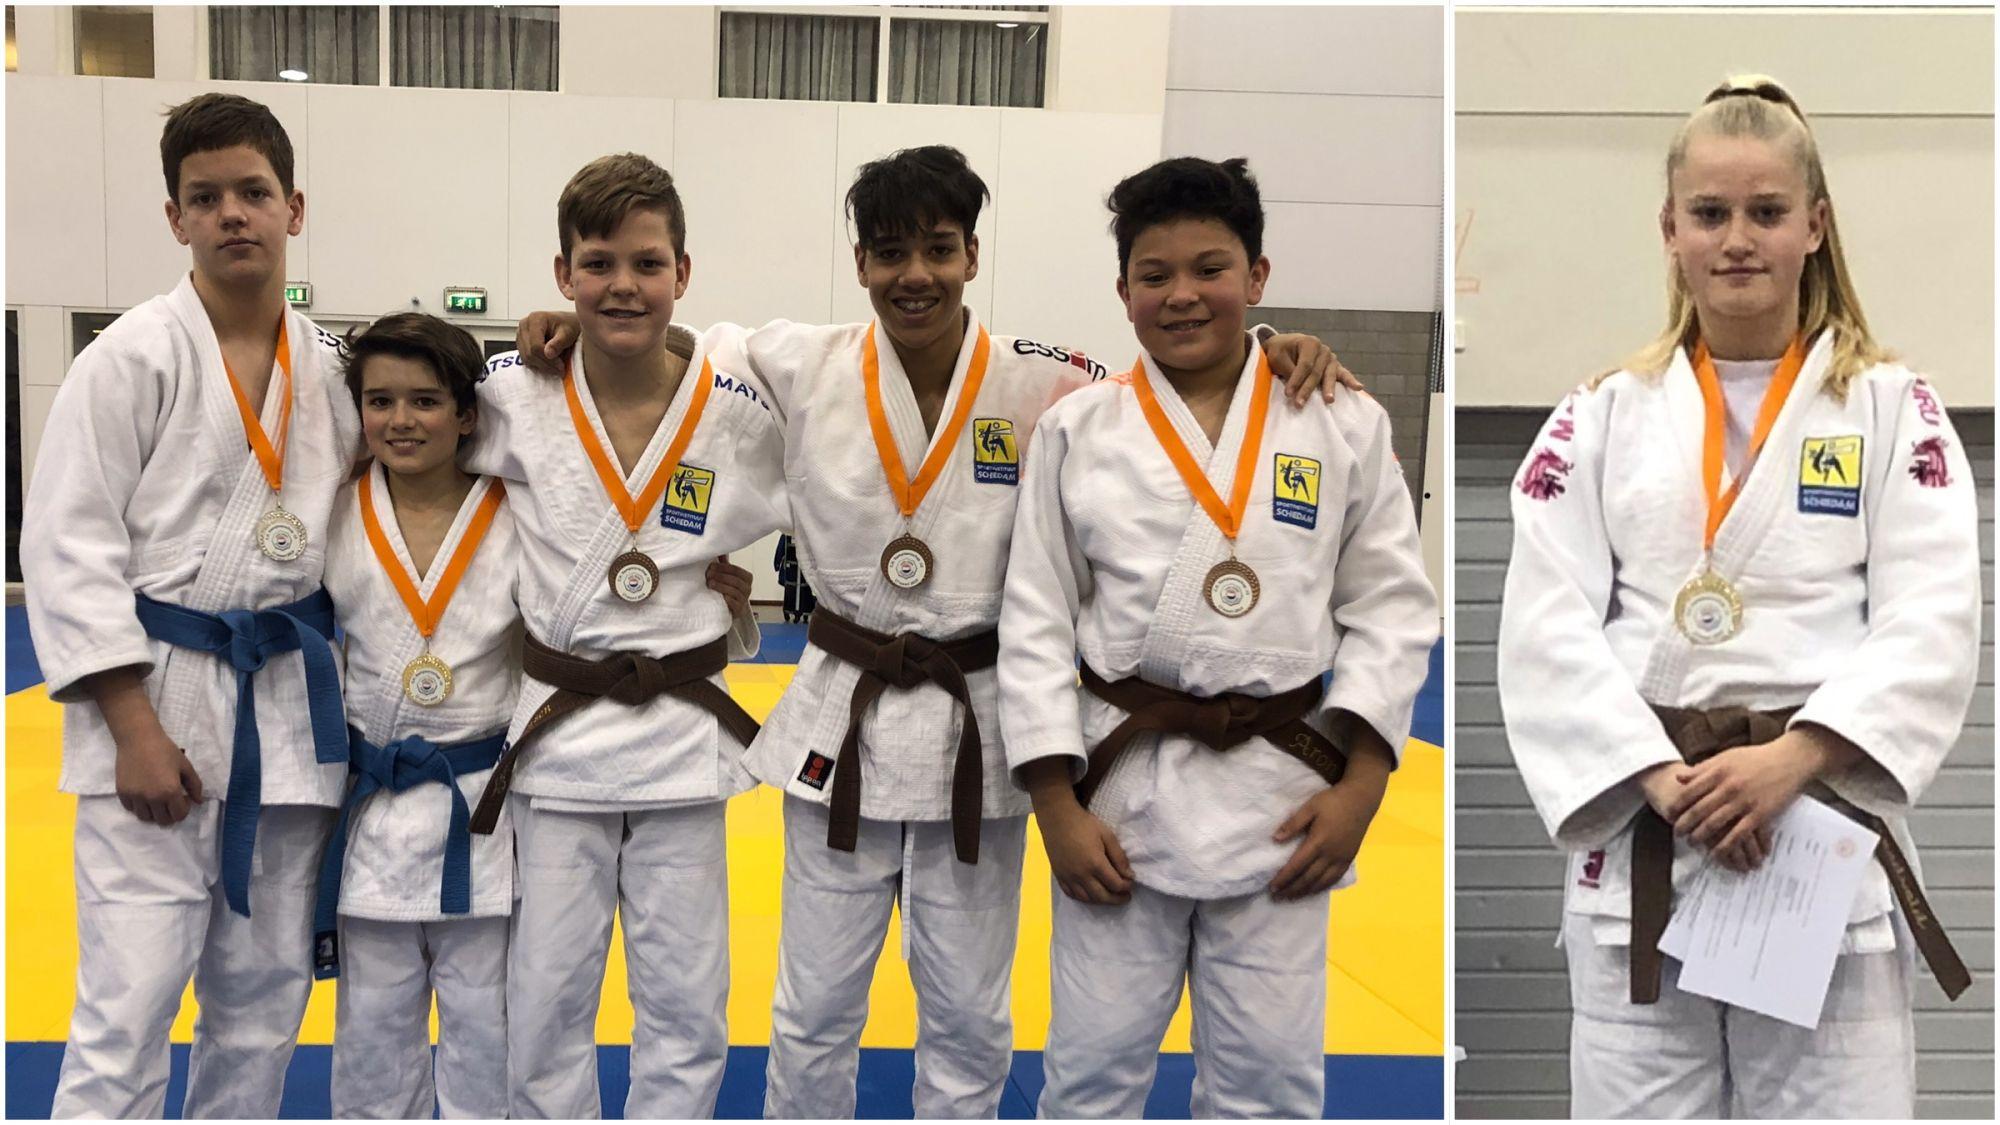 Zes medailles bij ZH-kampioenschap judo